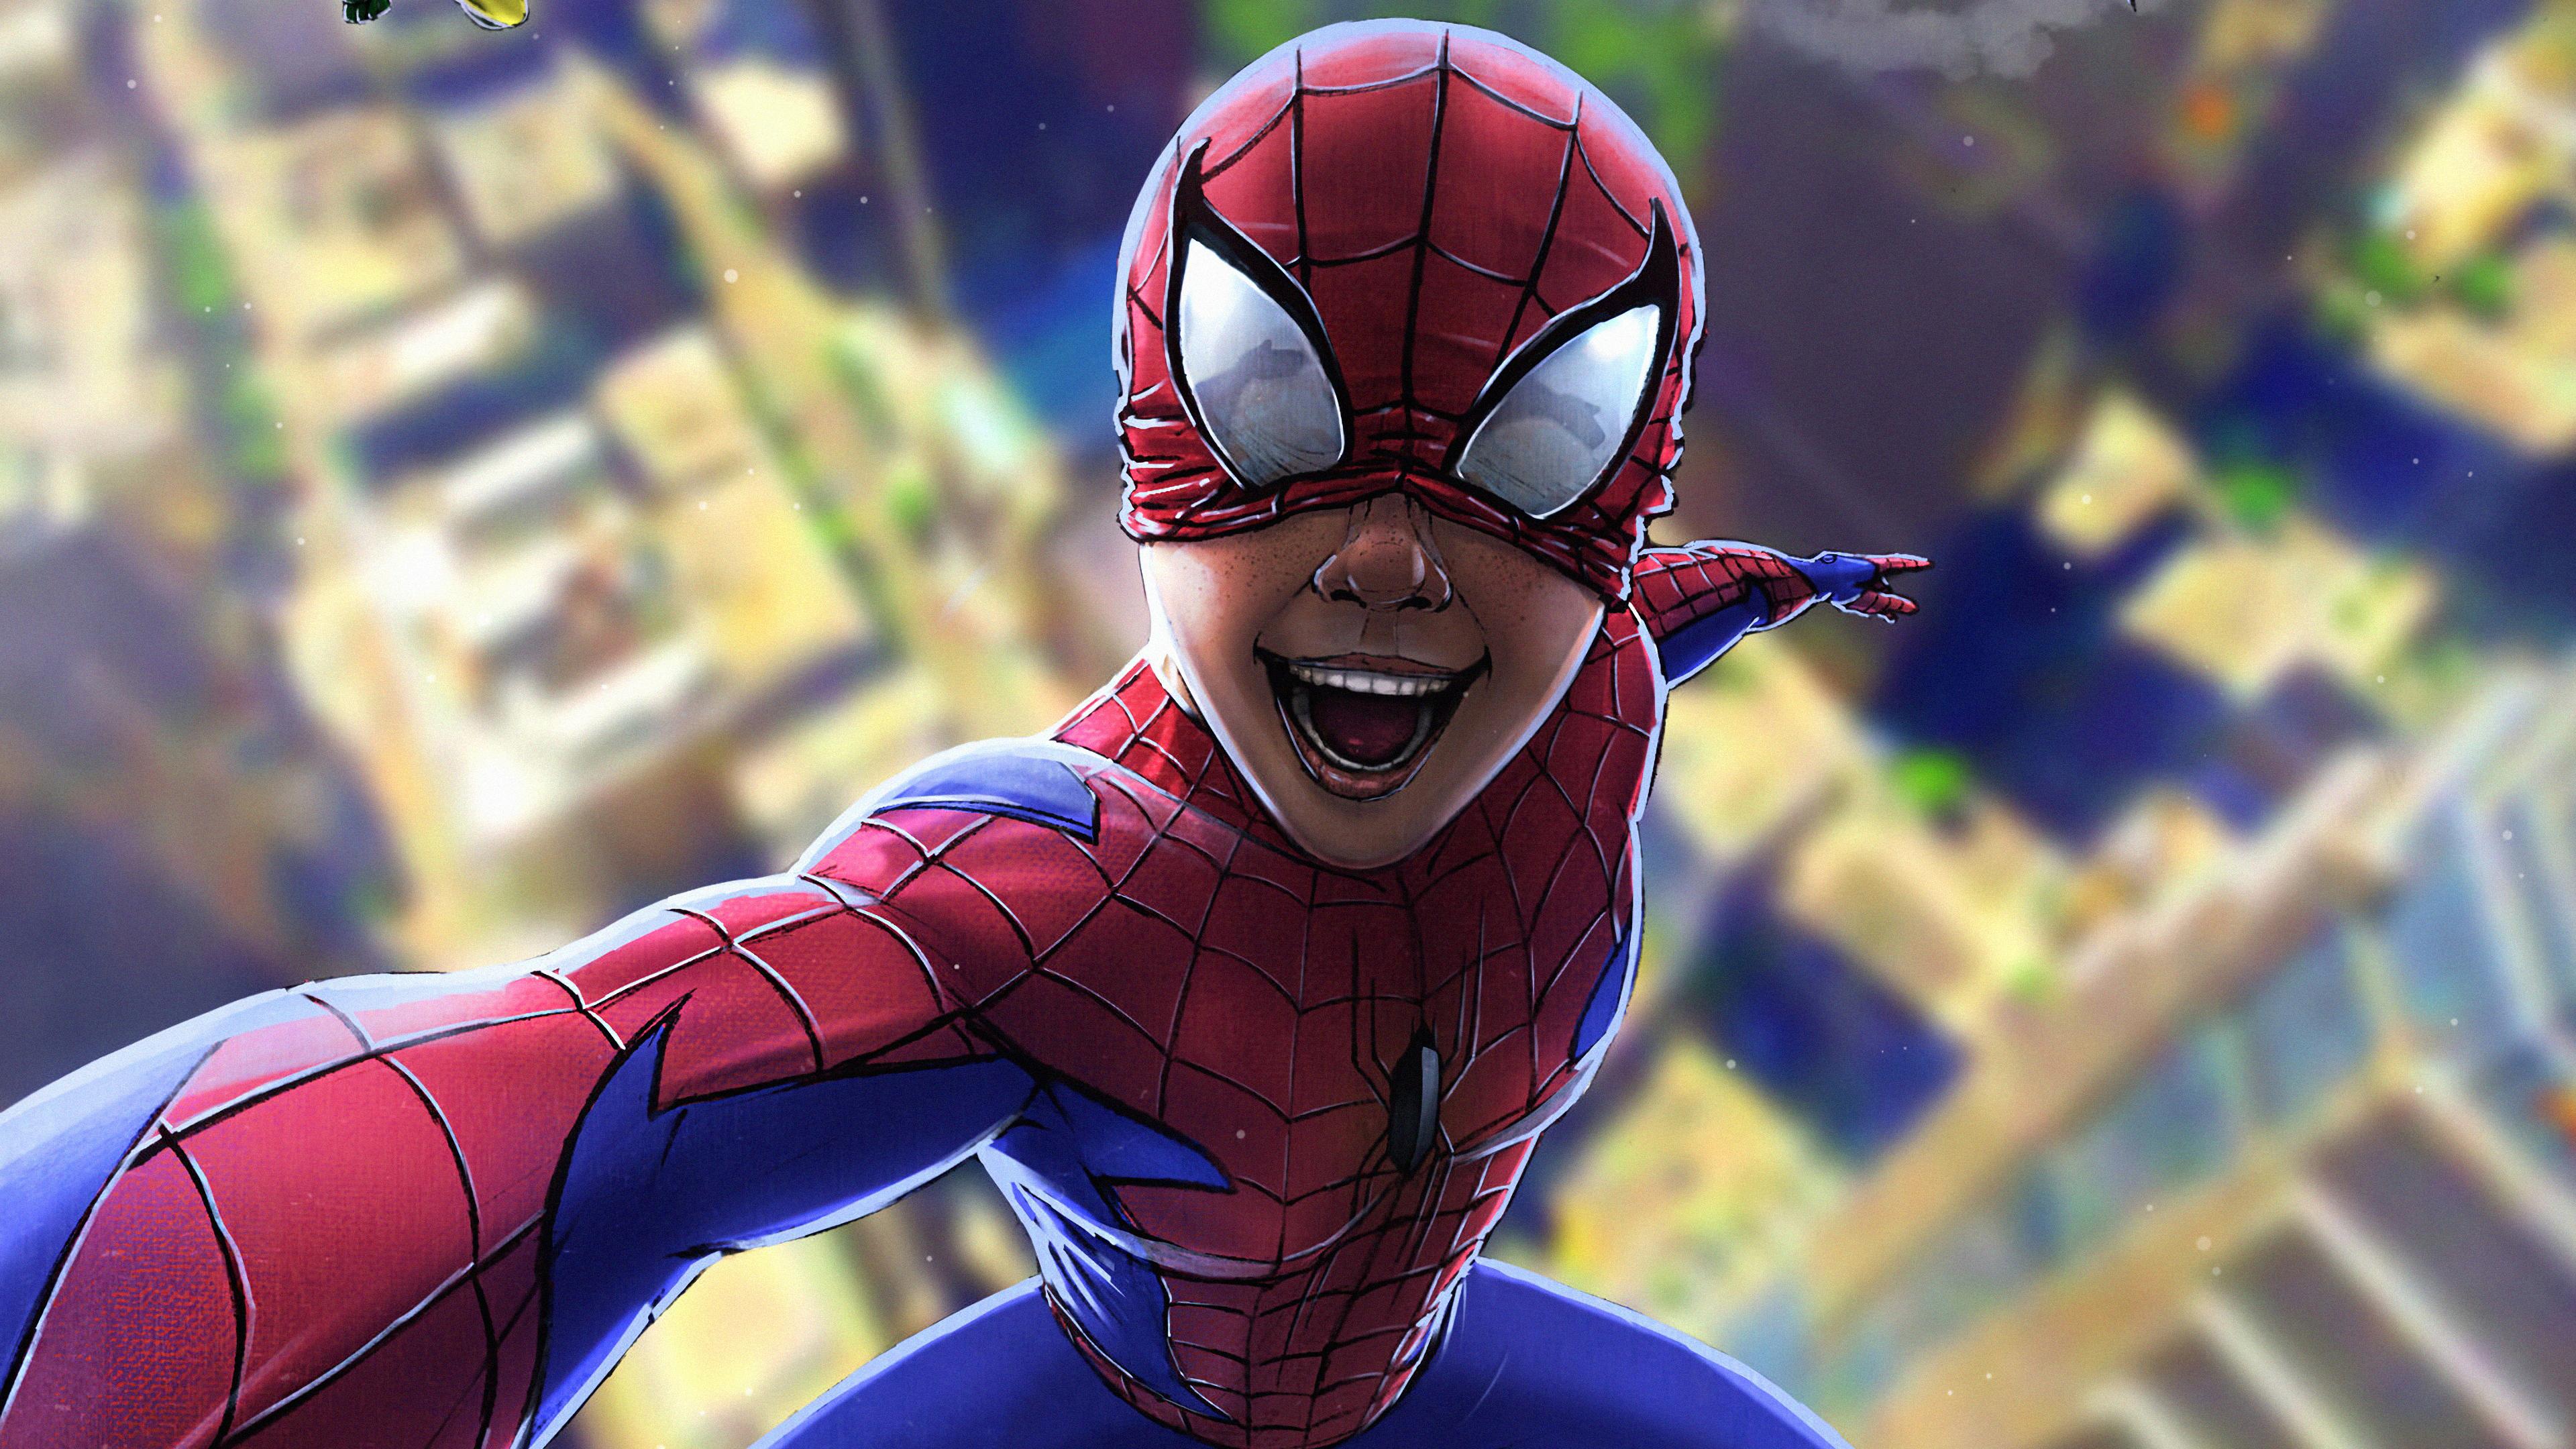 spiderman into the spider selfie 1569186782 - Spiderman Into The Spider Selfie - superheroes wallpapers, spiderman wallpapers, poster wallpapers, hd-wallpapers, artstation wallpapers, 4k-wallpapers